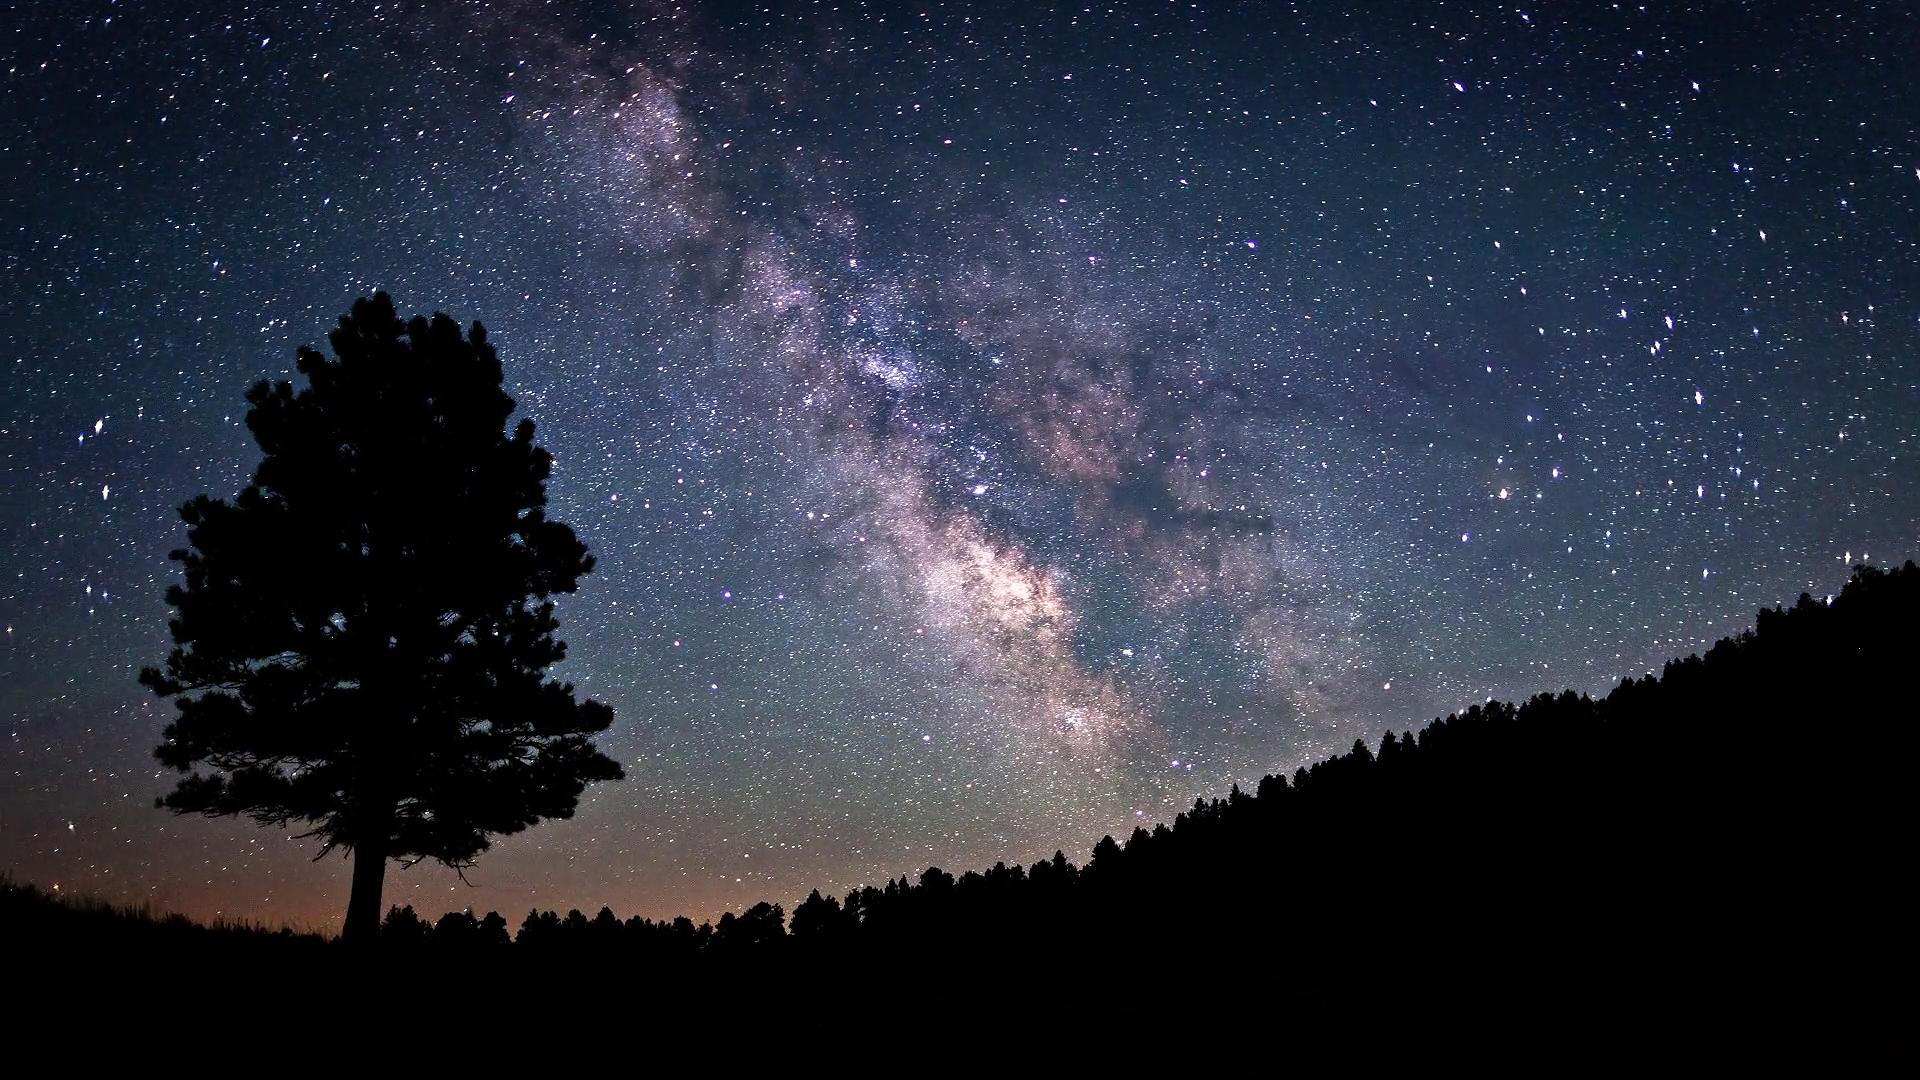 Milky Way Wallpaper 1920x1080